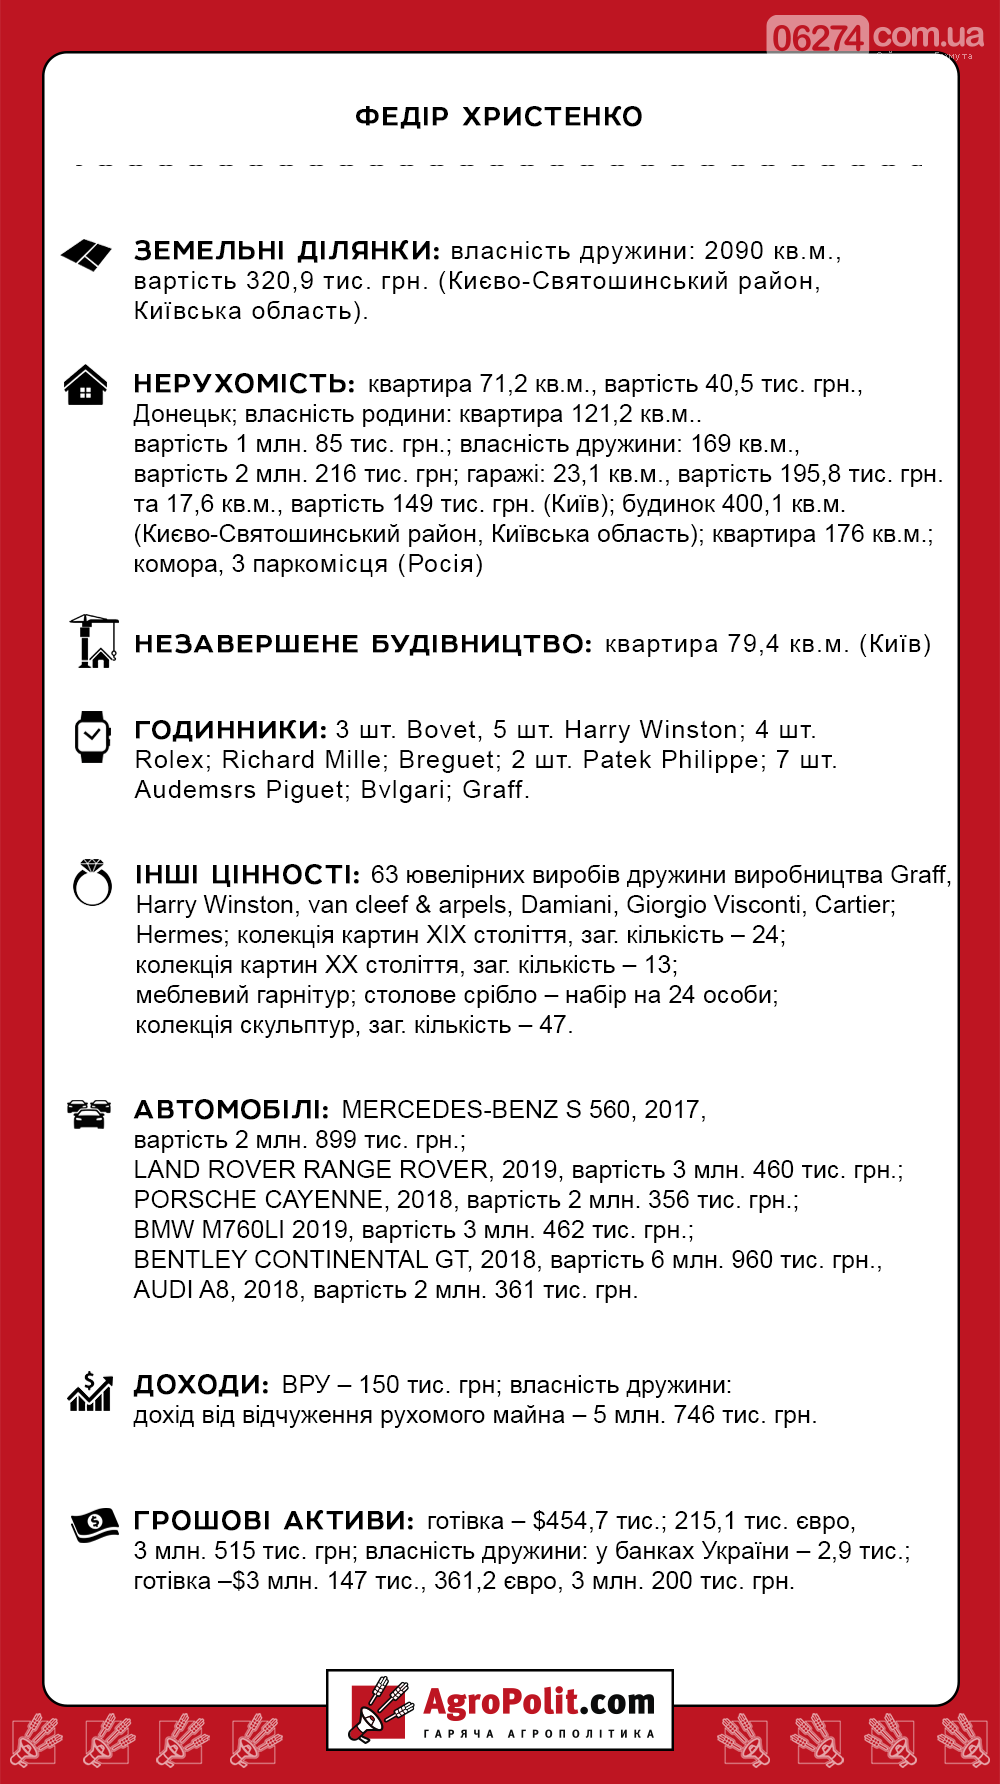 Федор Христенко стал лидером по количеству элитных авто в профильном комитете ВР, фото-1